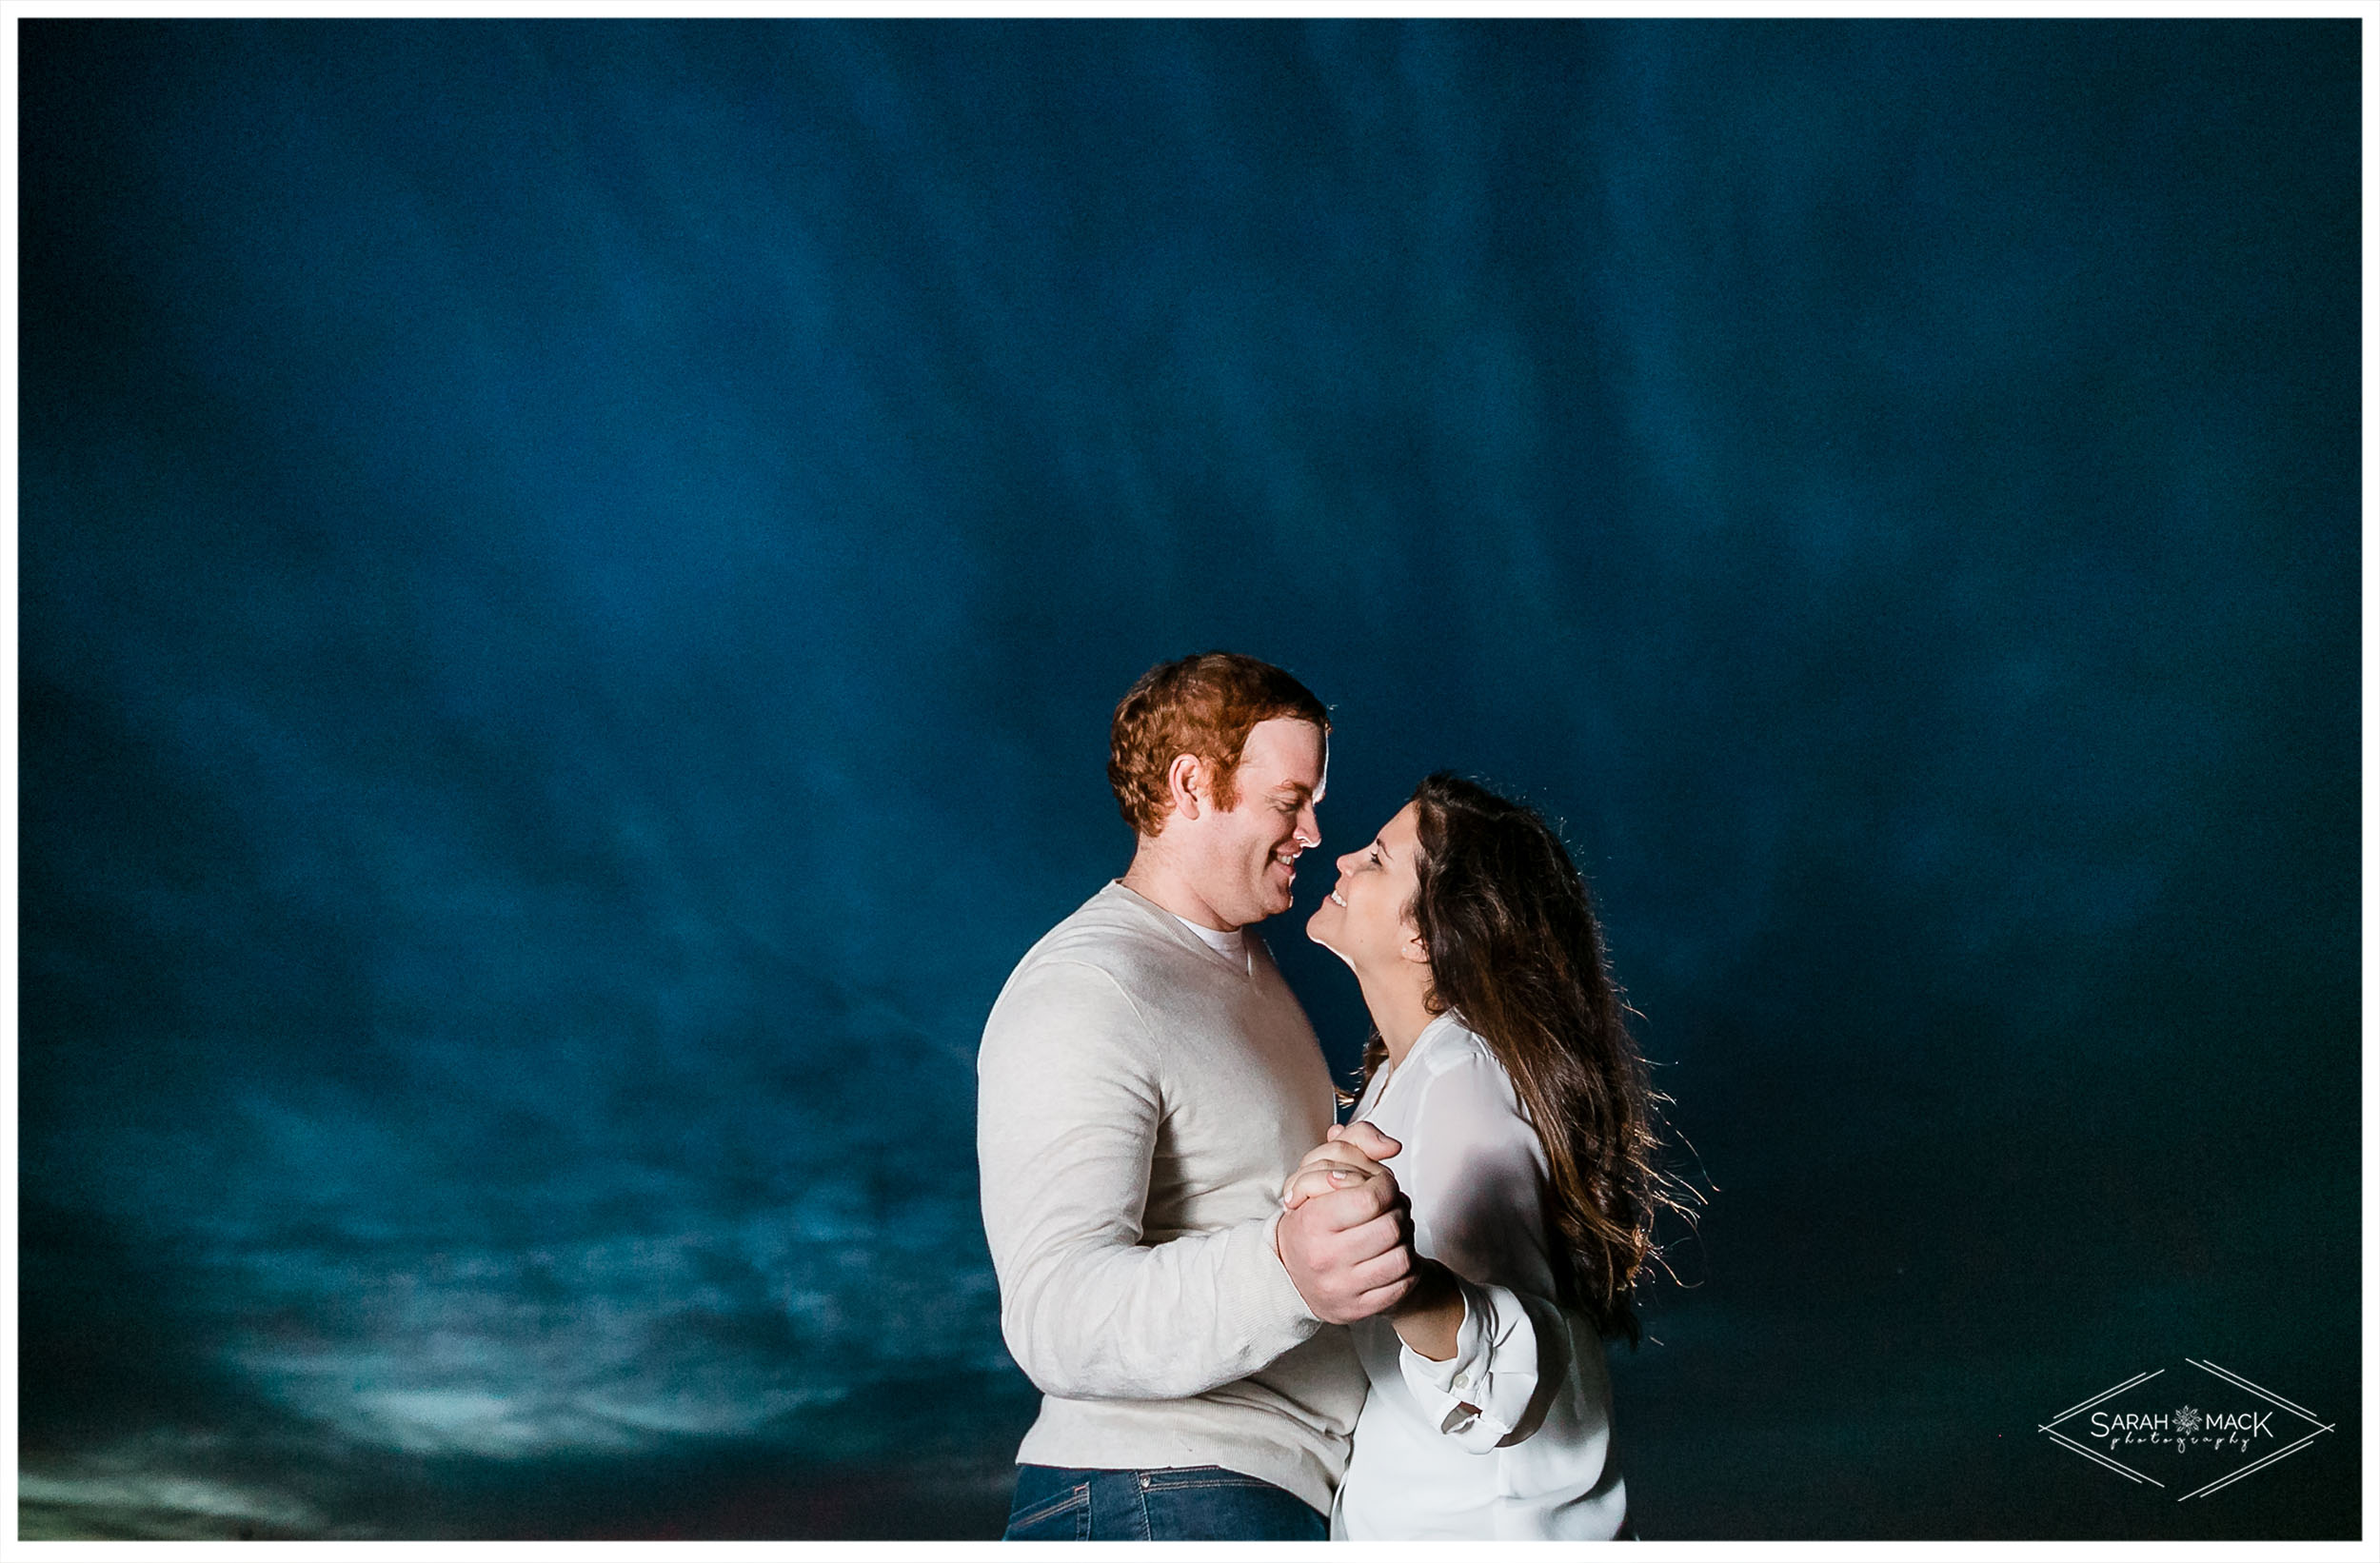 AM-Huntington-Beach-Central-Park-Engagement-Photography-19.jpg